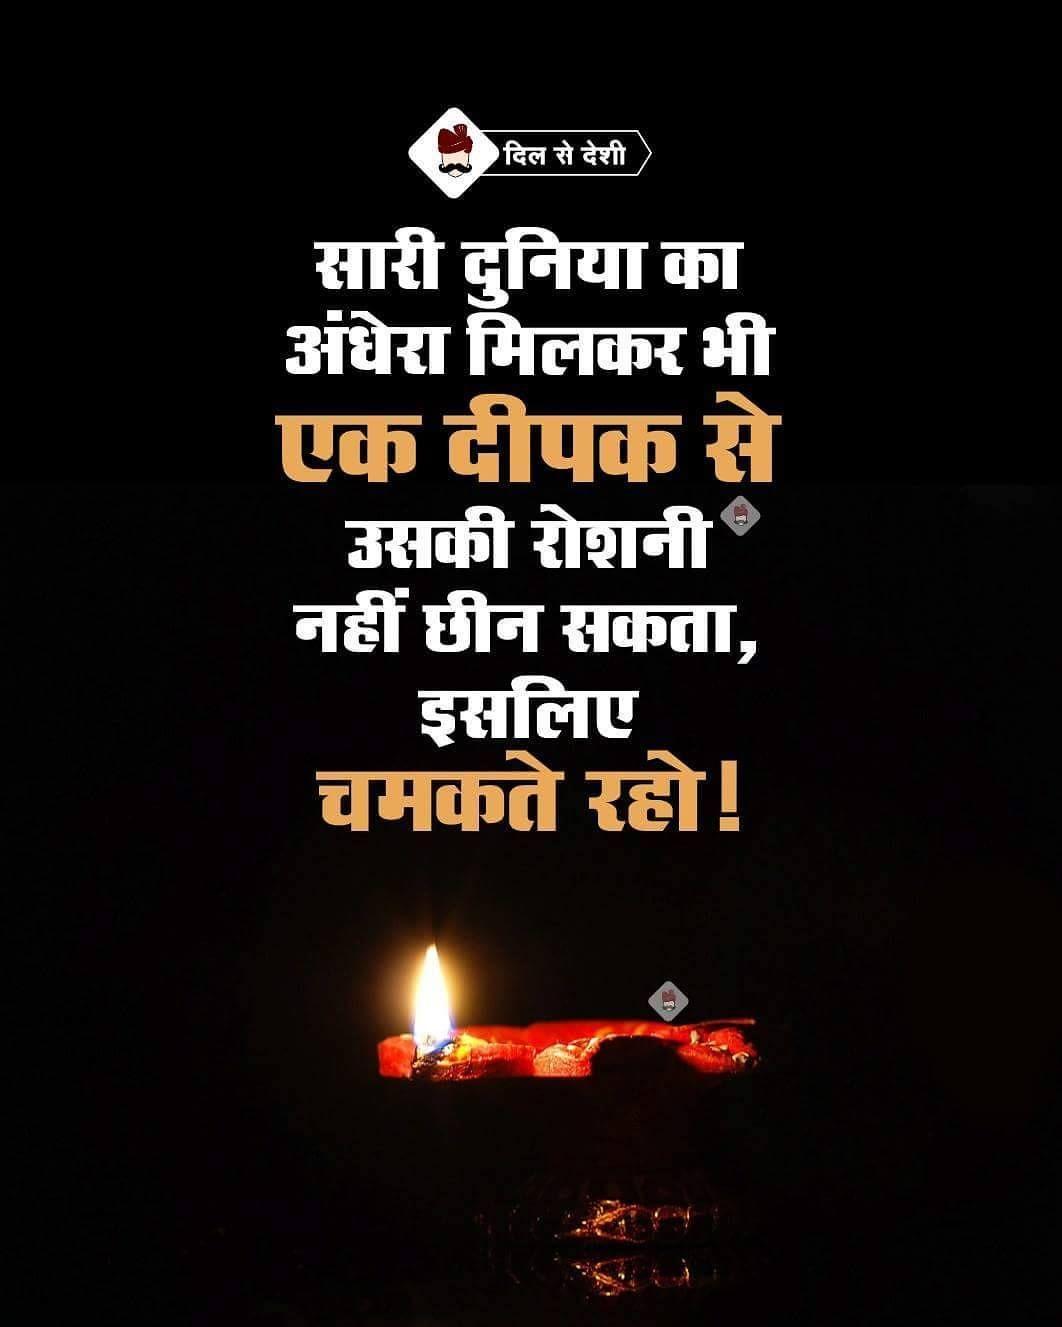 Sunshine Kya Baat Hai Hindi Quotes Quotes Inspirational